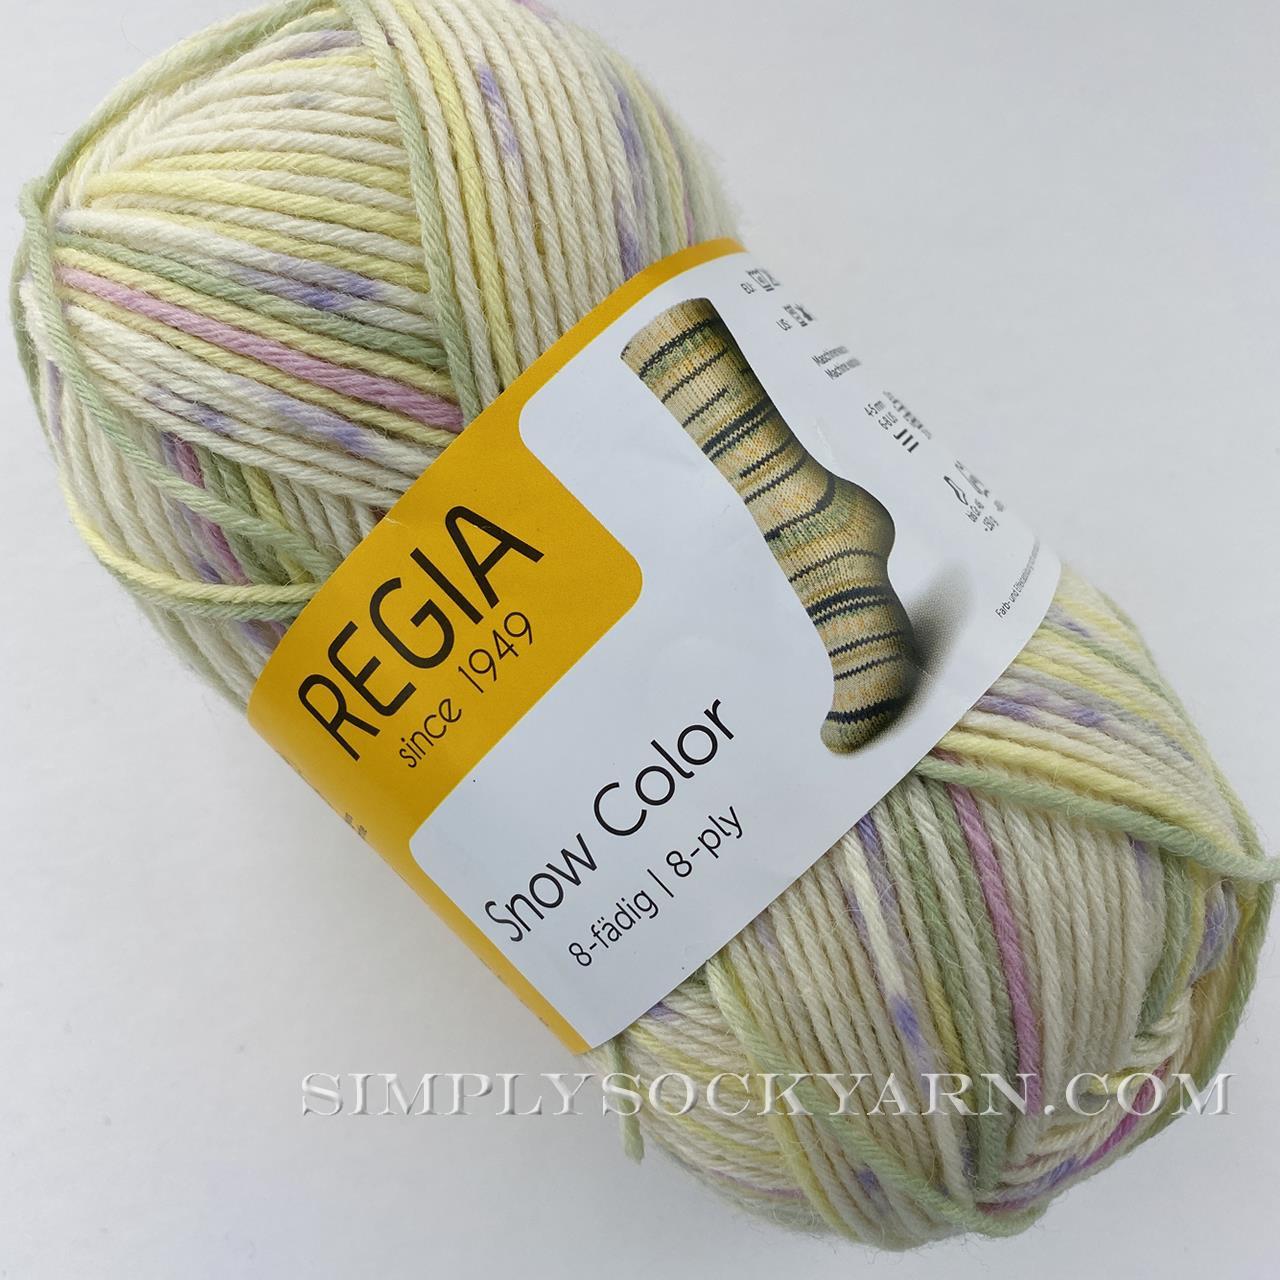 Regia 8 Ply Snow Color 8112 -